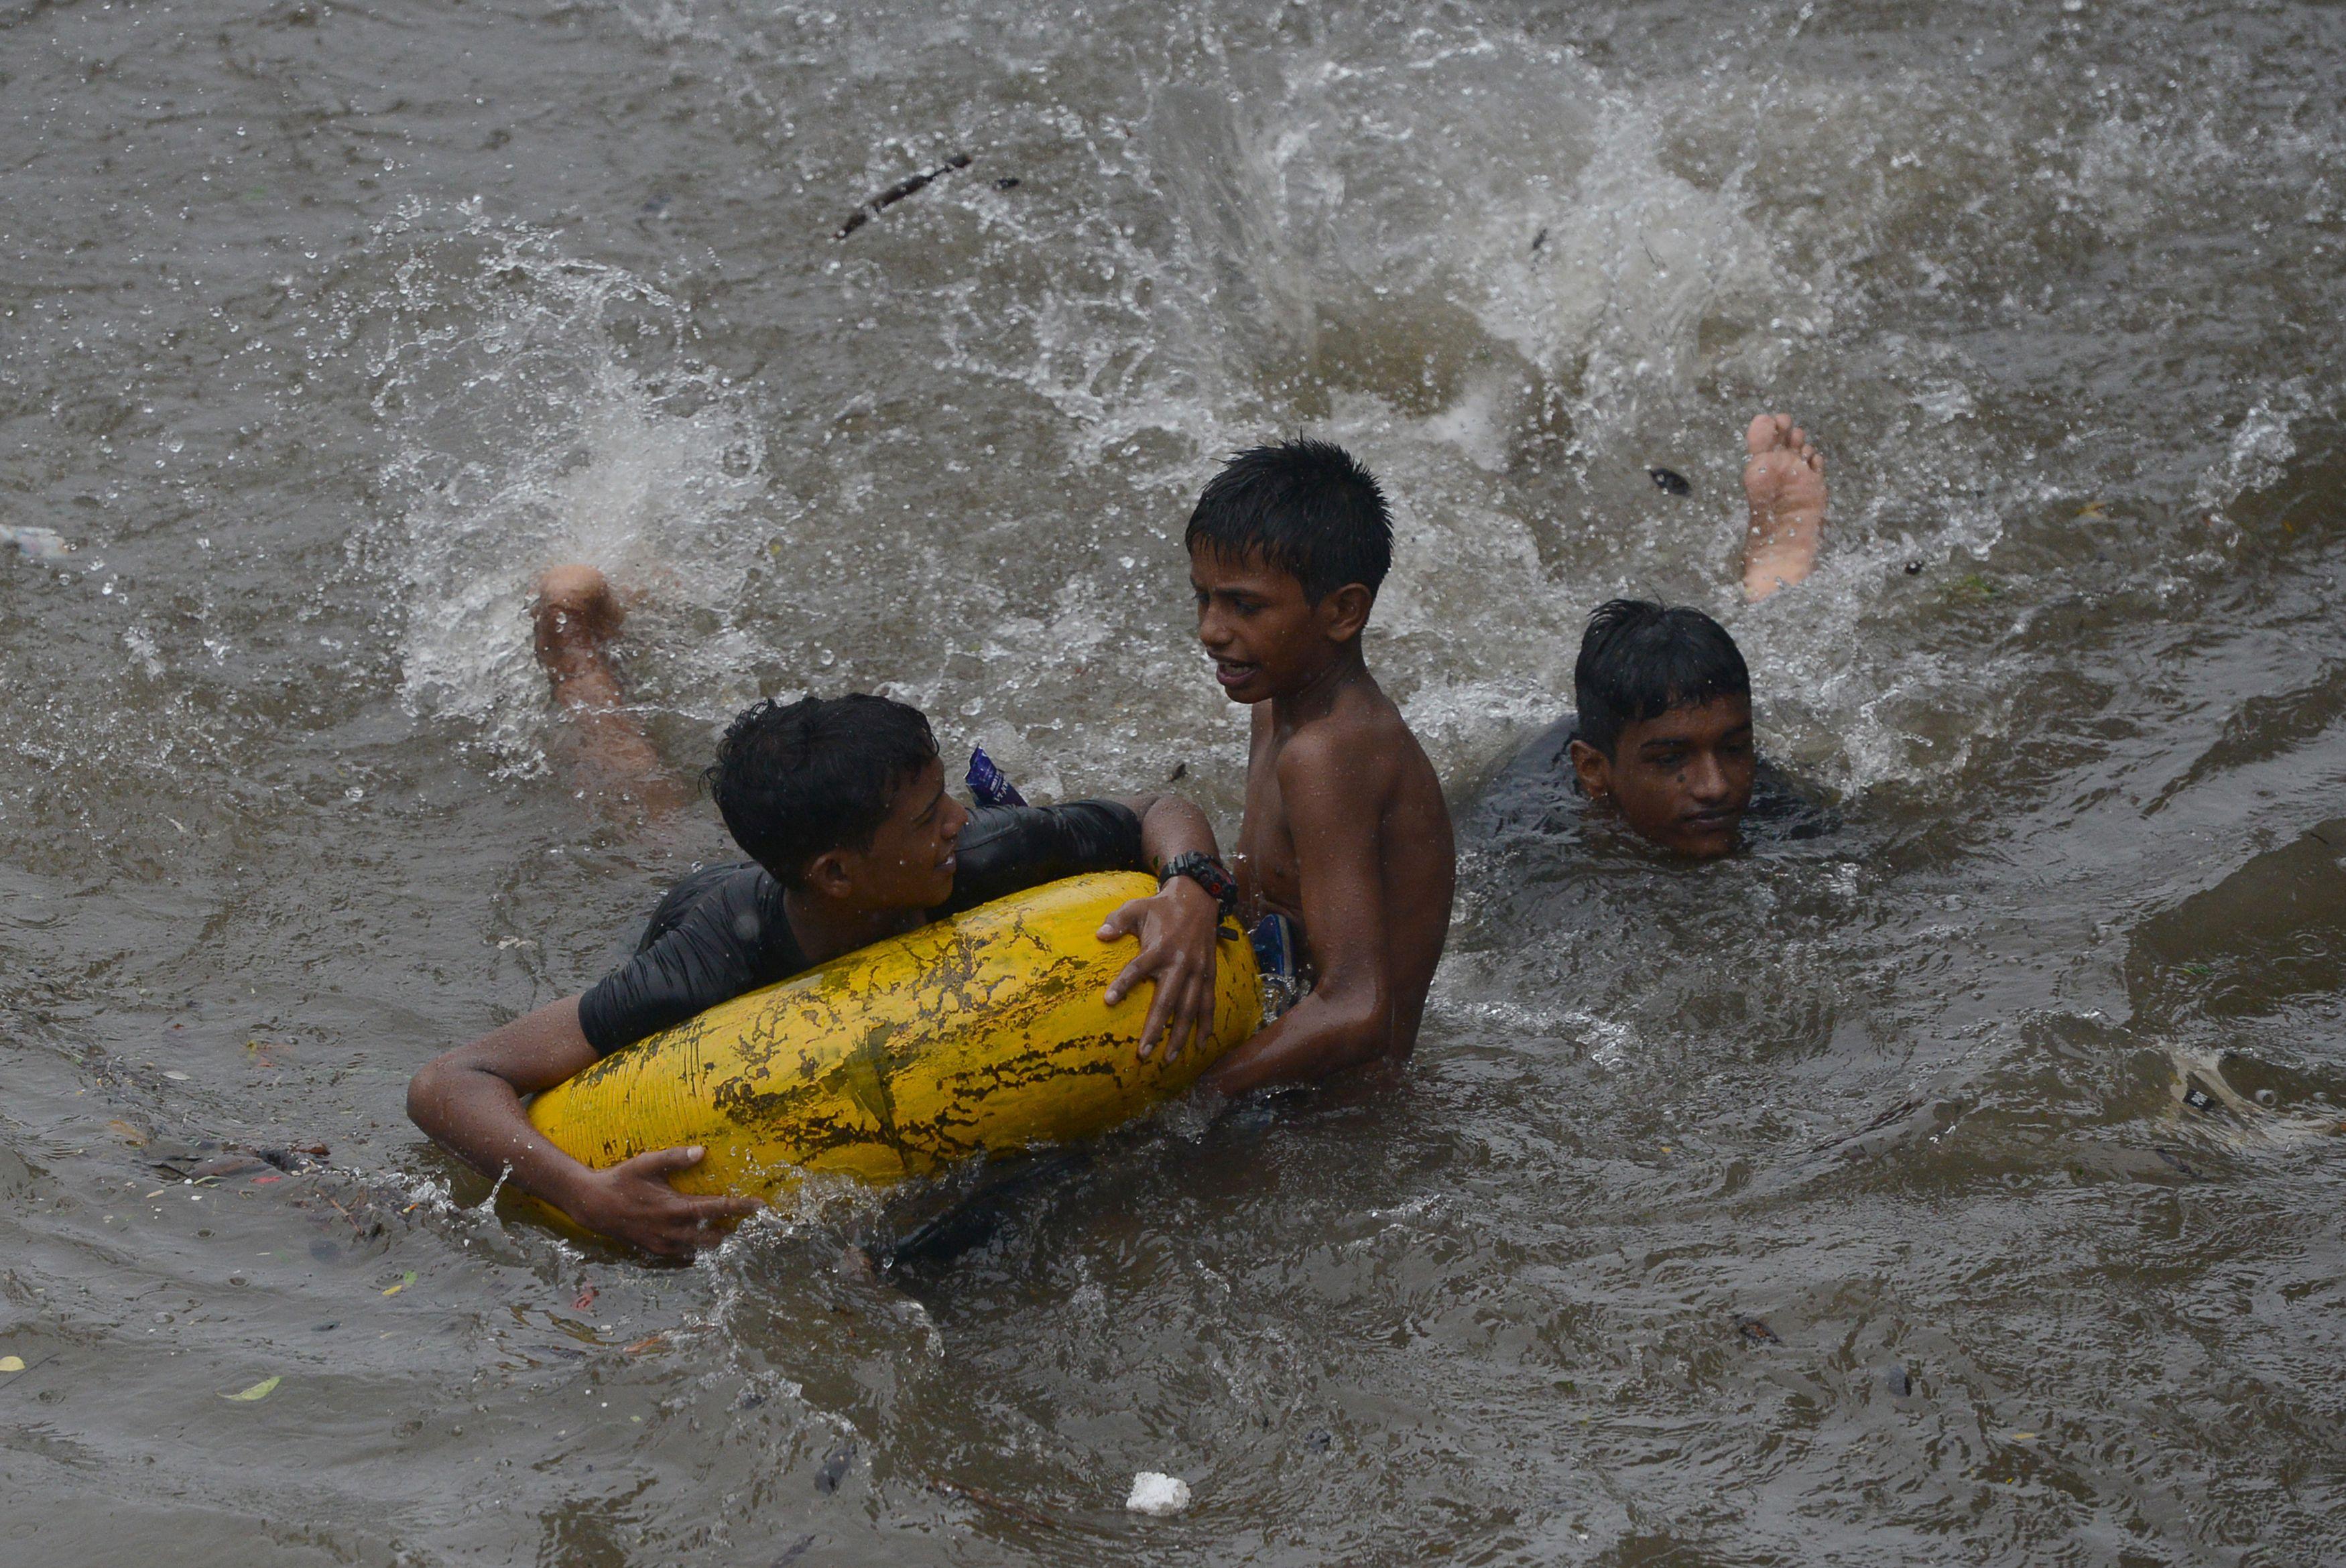 أطفال يغرقون فى الأمطار